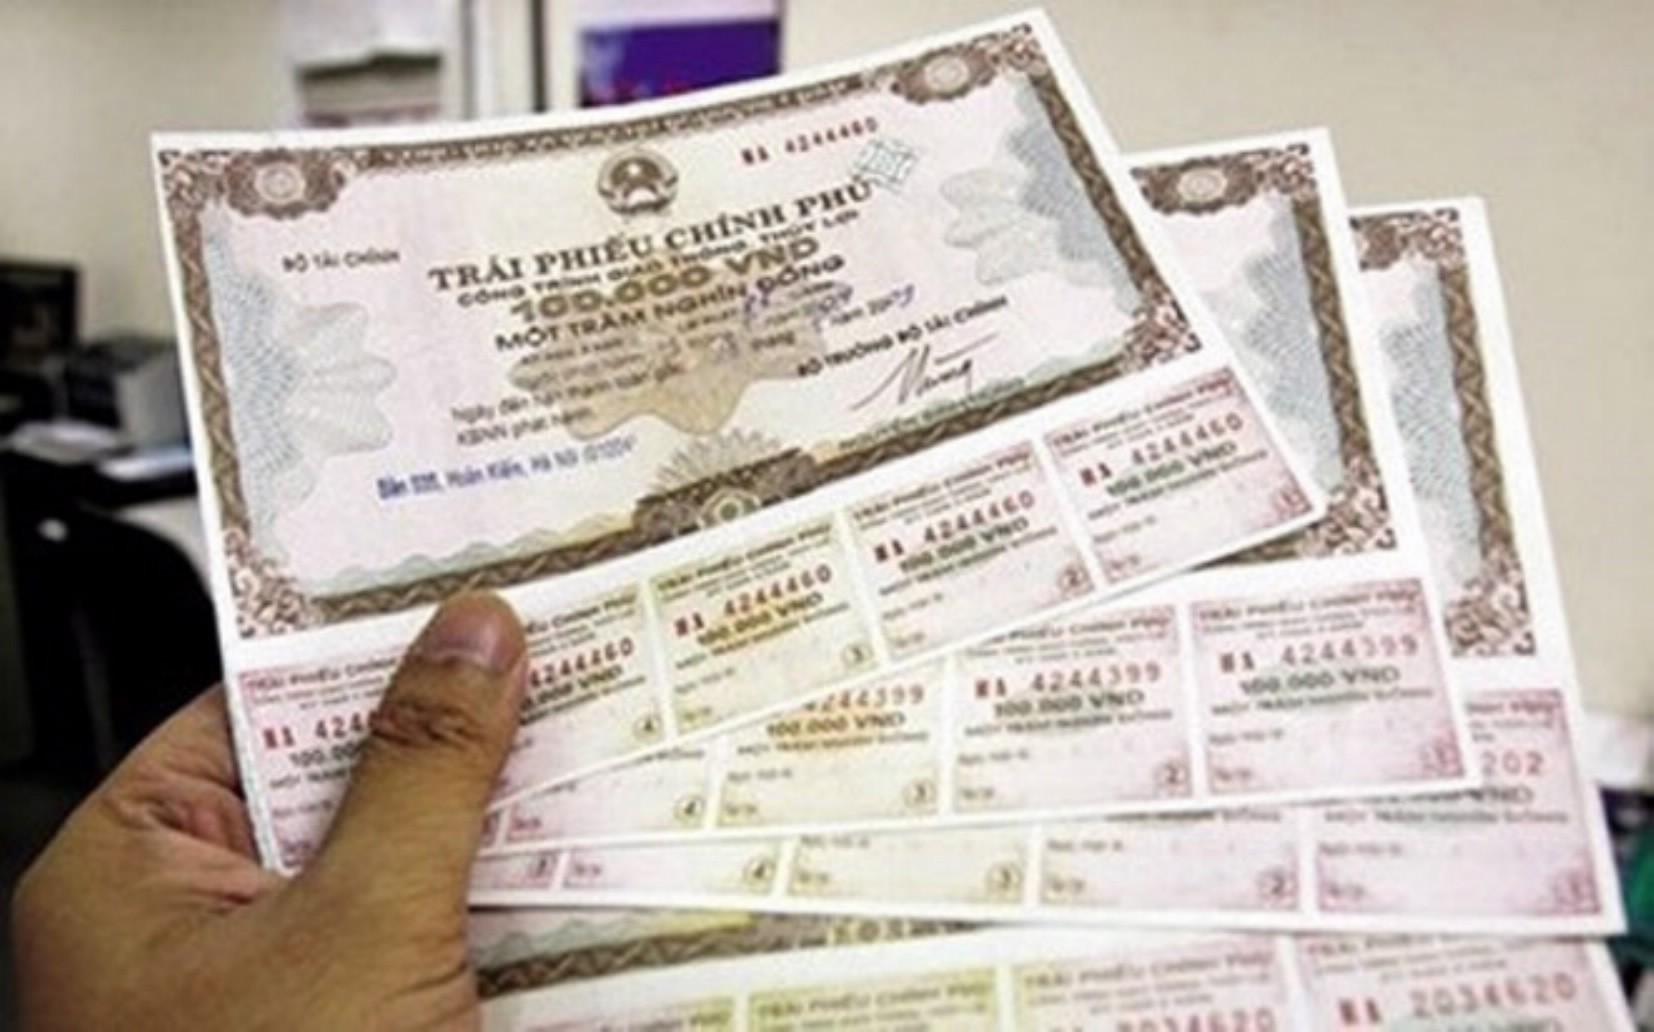 Huy động hơn 3.300 tỷ đồng qua đấu thầu trái phiếu Chính phủ